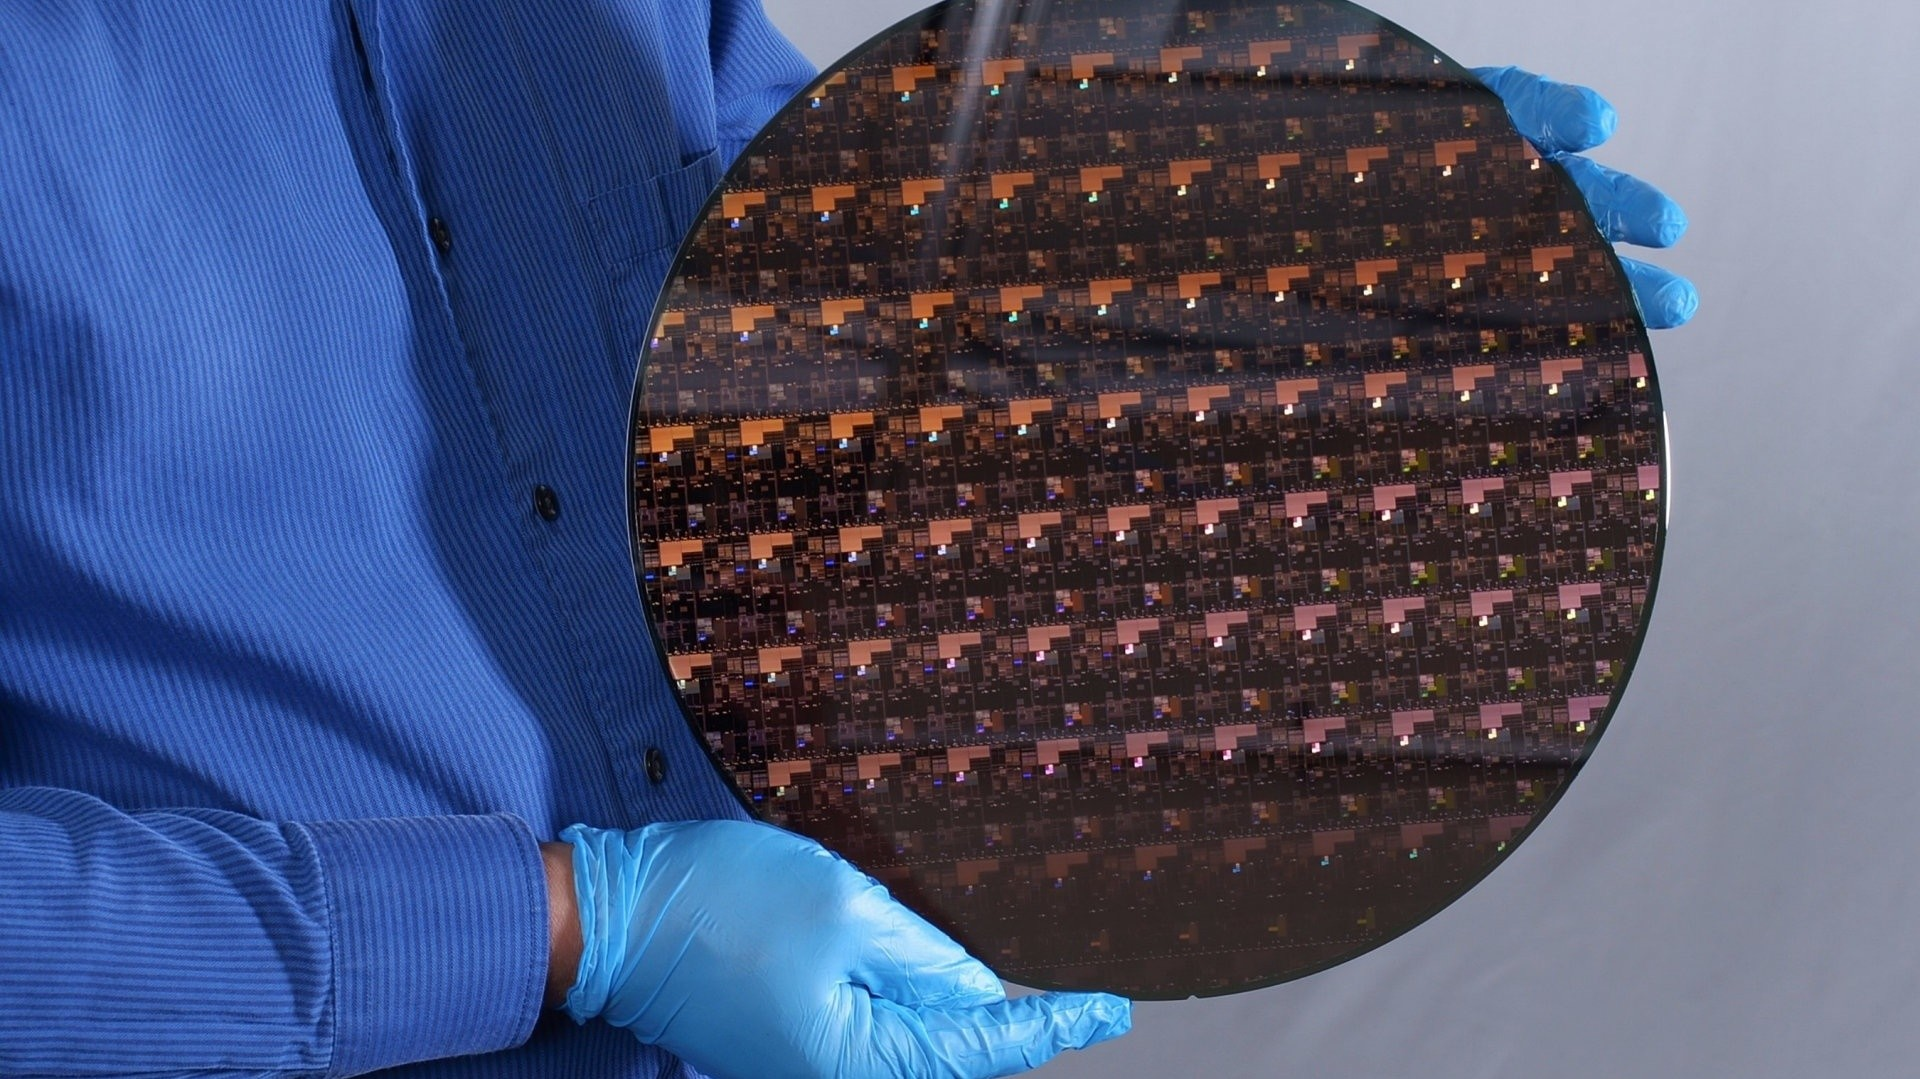 IBM создала первый в мире чип по 2-нм техпроцессу. Это невероятный прорыв в индустрии